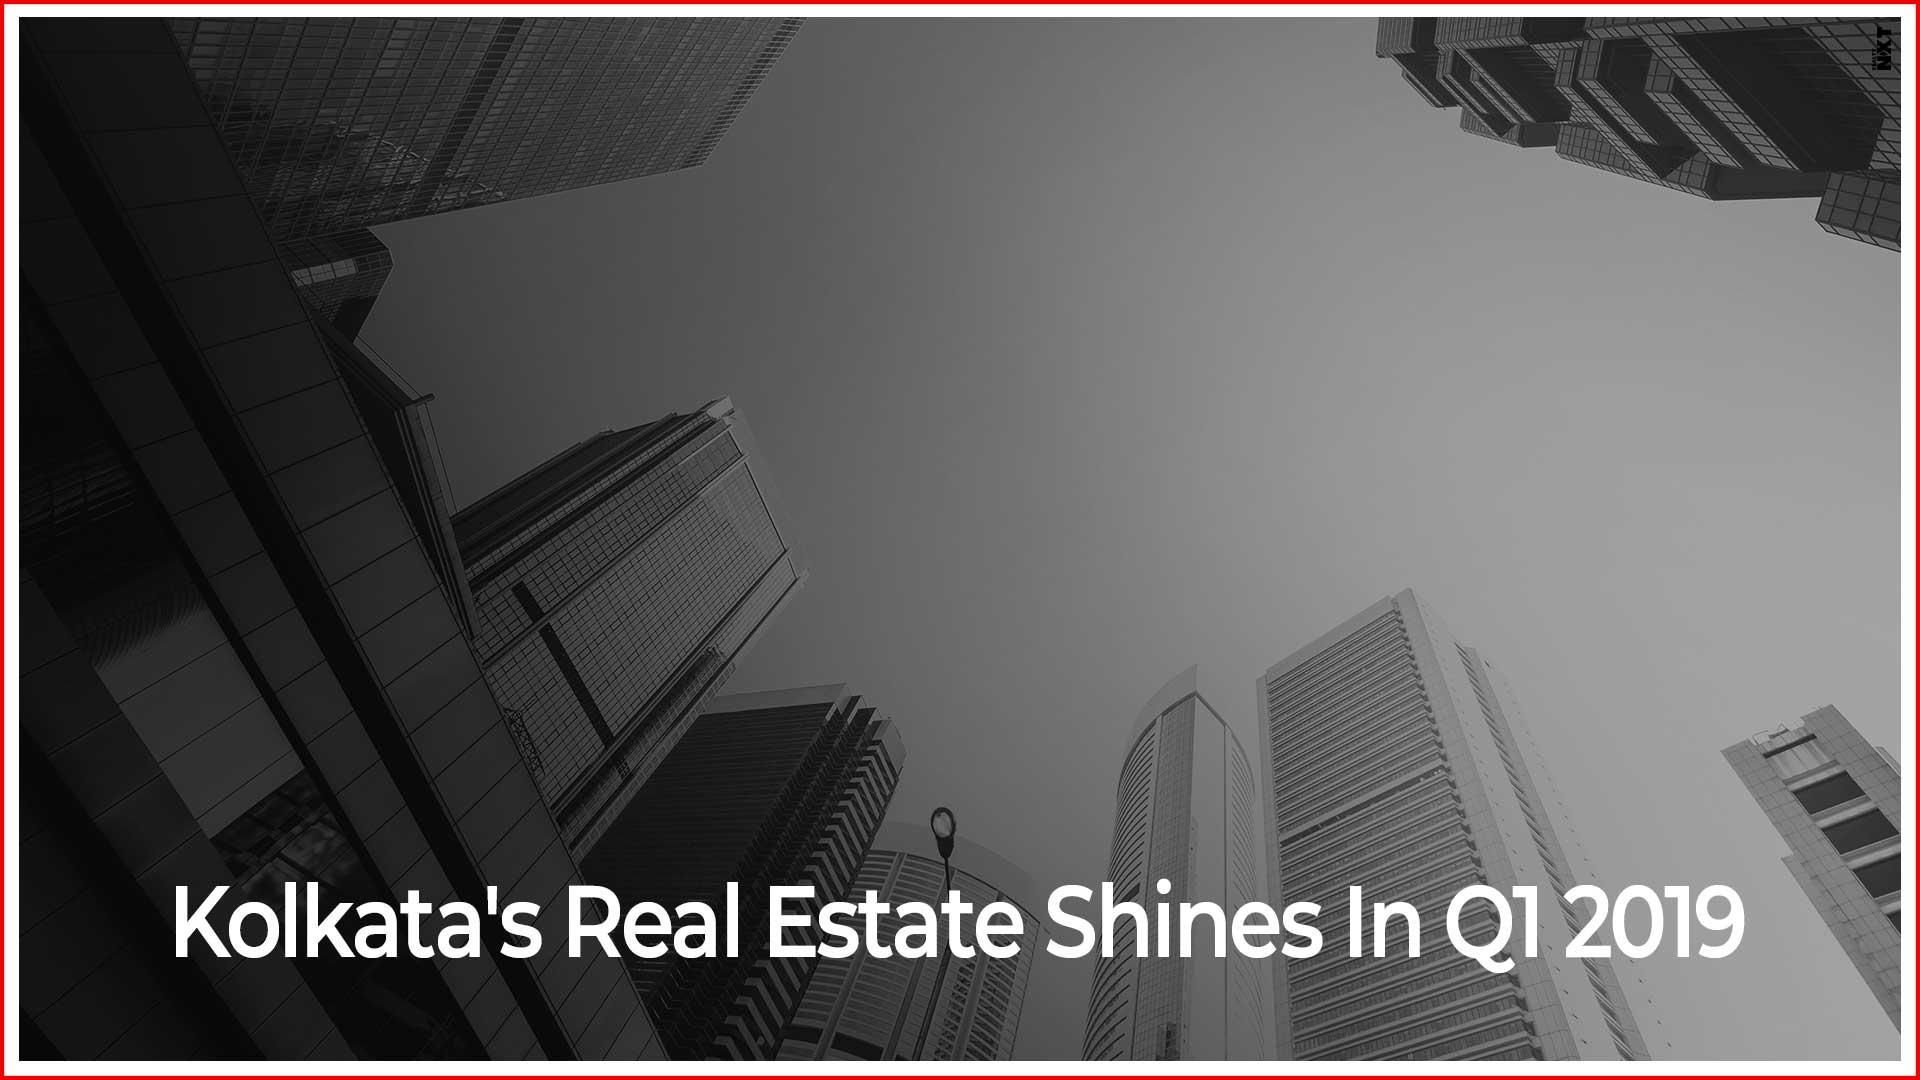 Kolkata Real Estate – Q1 2019 Update